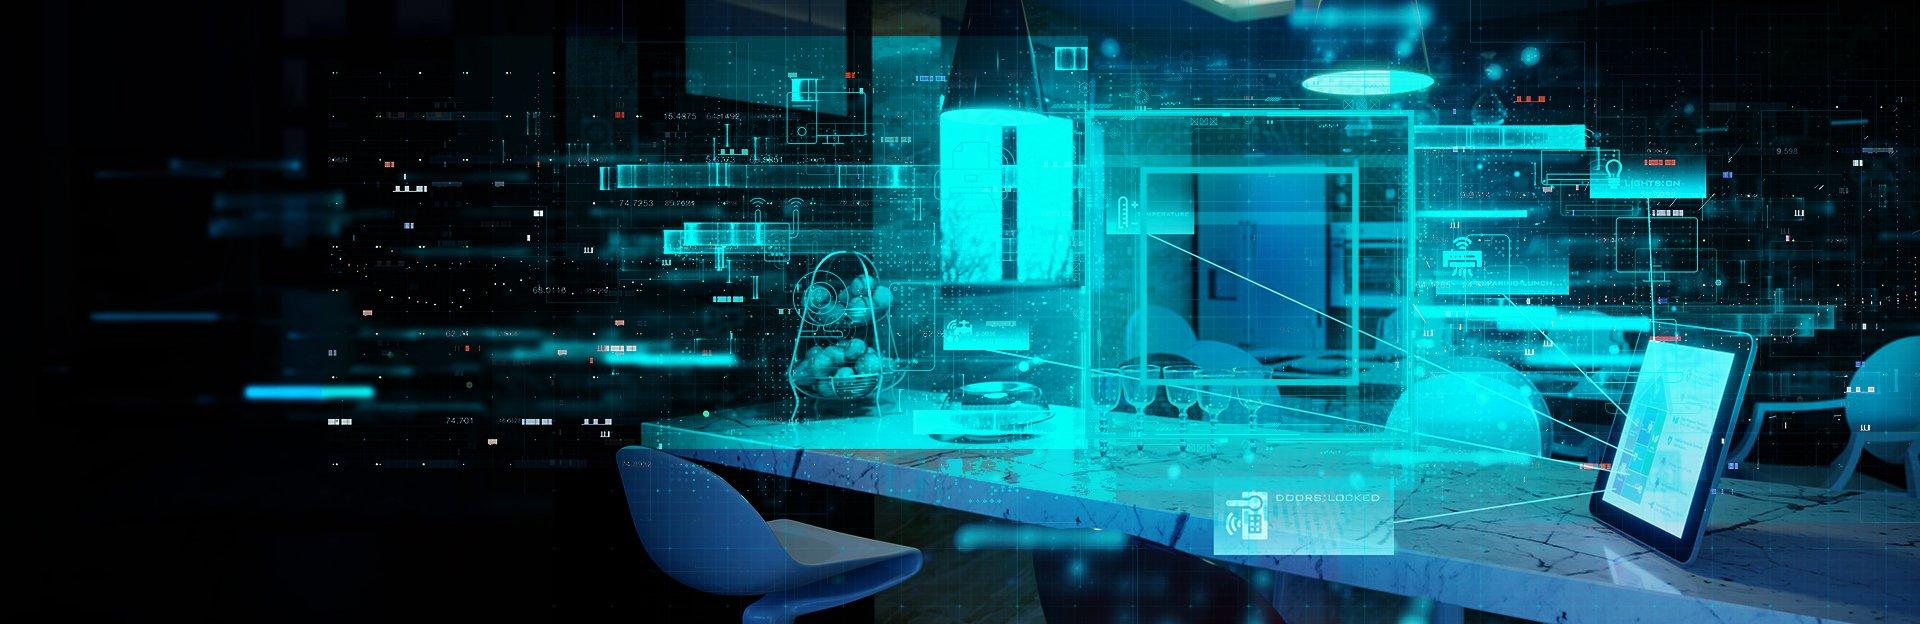 iot-security-report-banner-lp